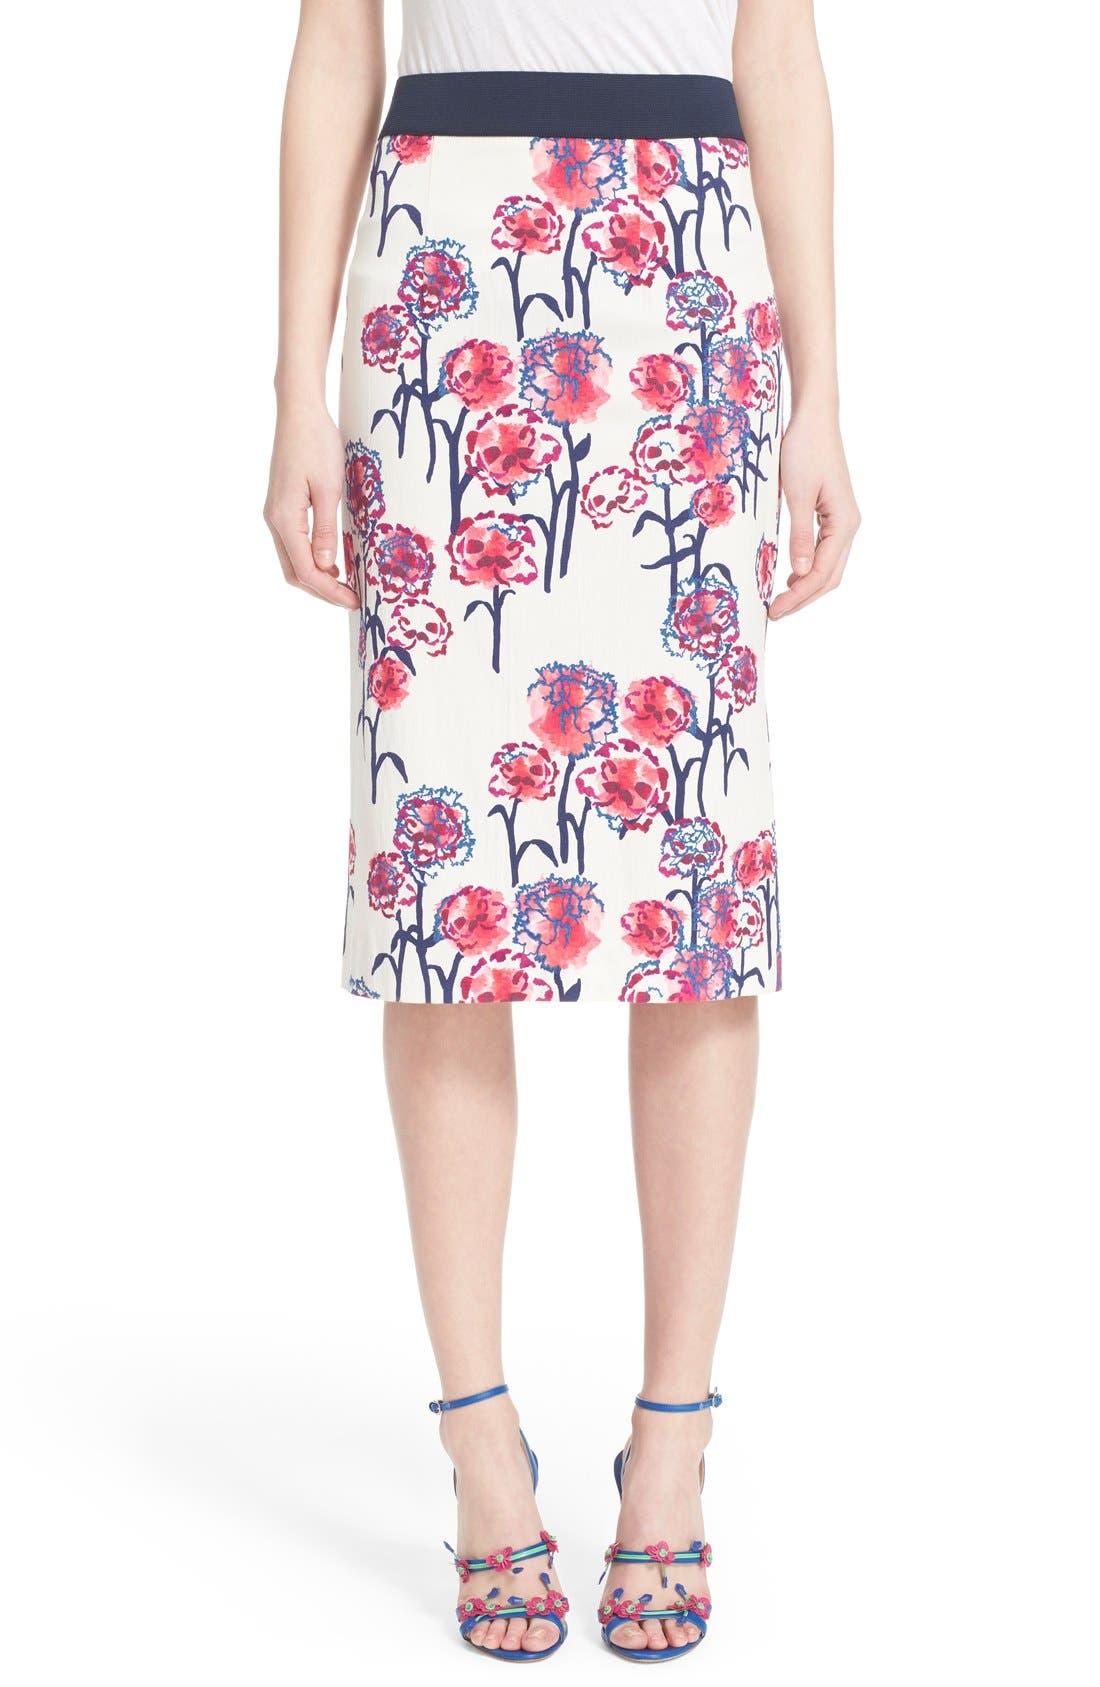 Main Image - Tanya Taylor Textured Garden Print Pencil Skirt